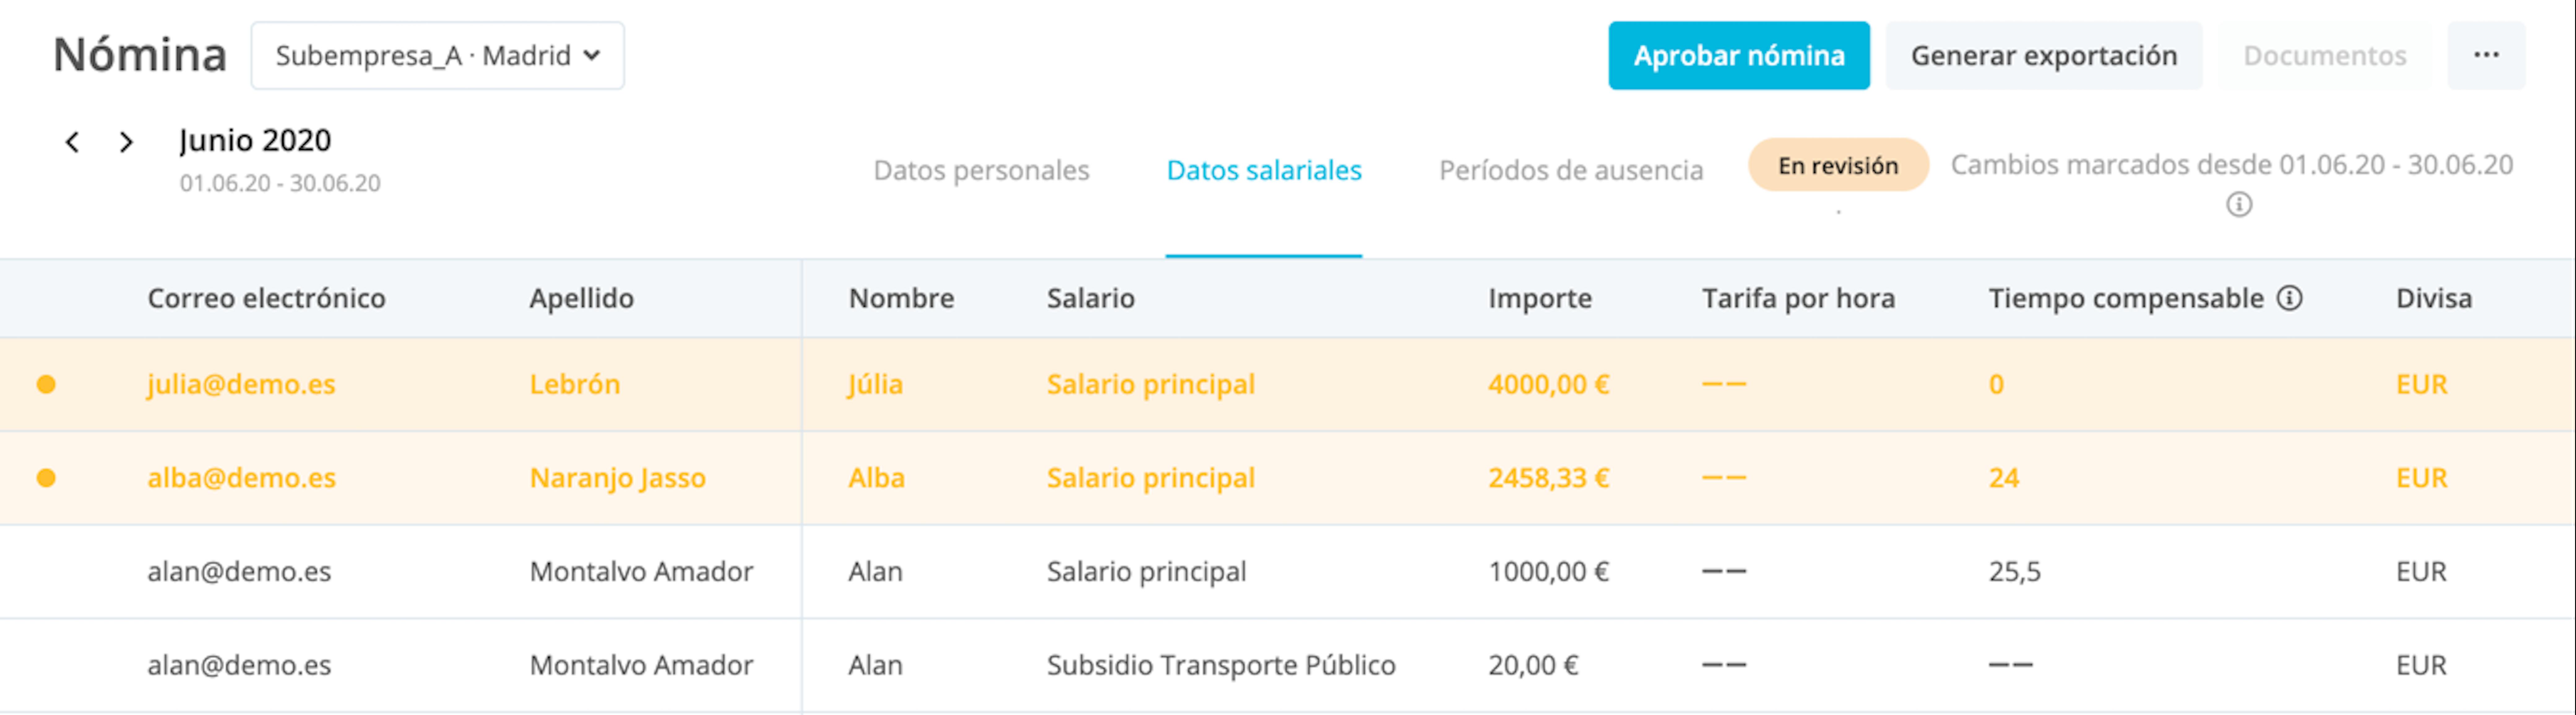 Payroll_Salarydata_Employee_es.png